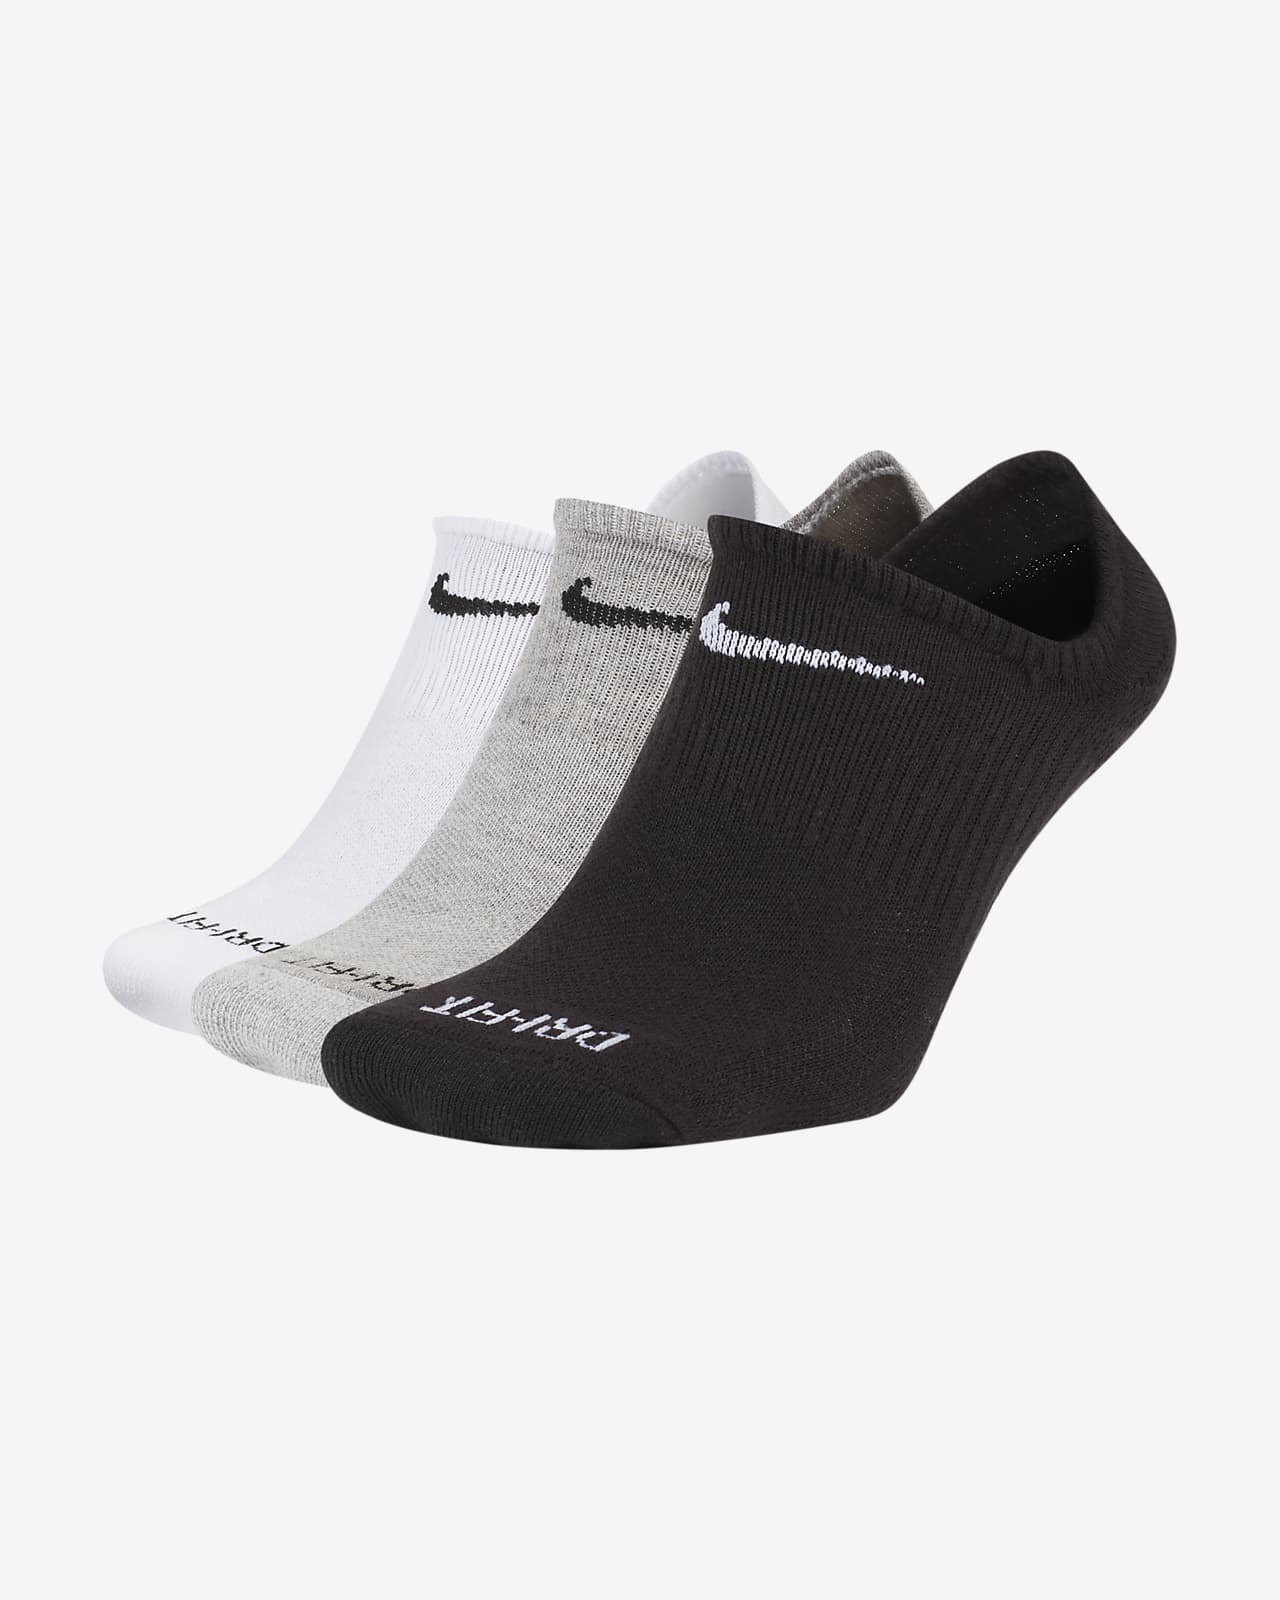 Fantasmini da training Nike Everyday Plus Cushioned (3 paia)